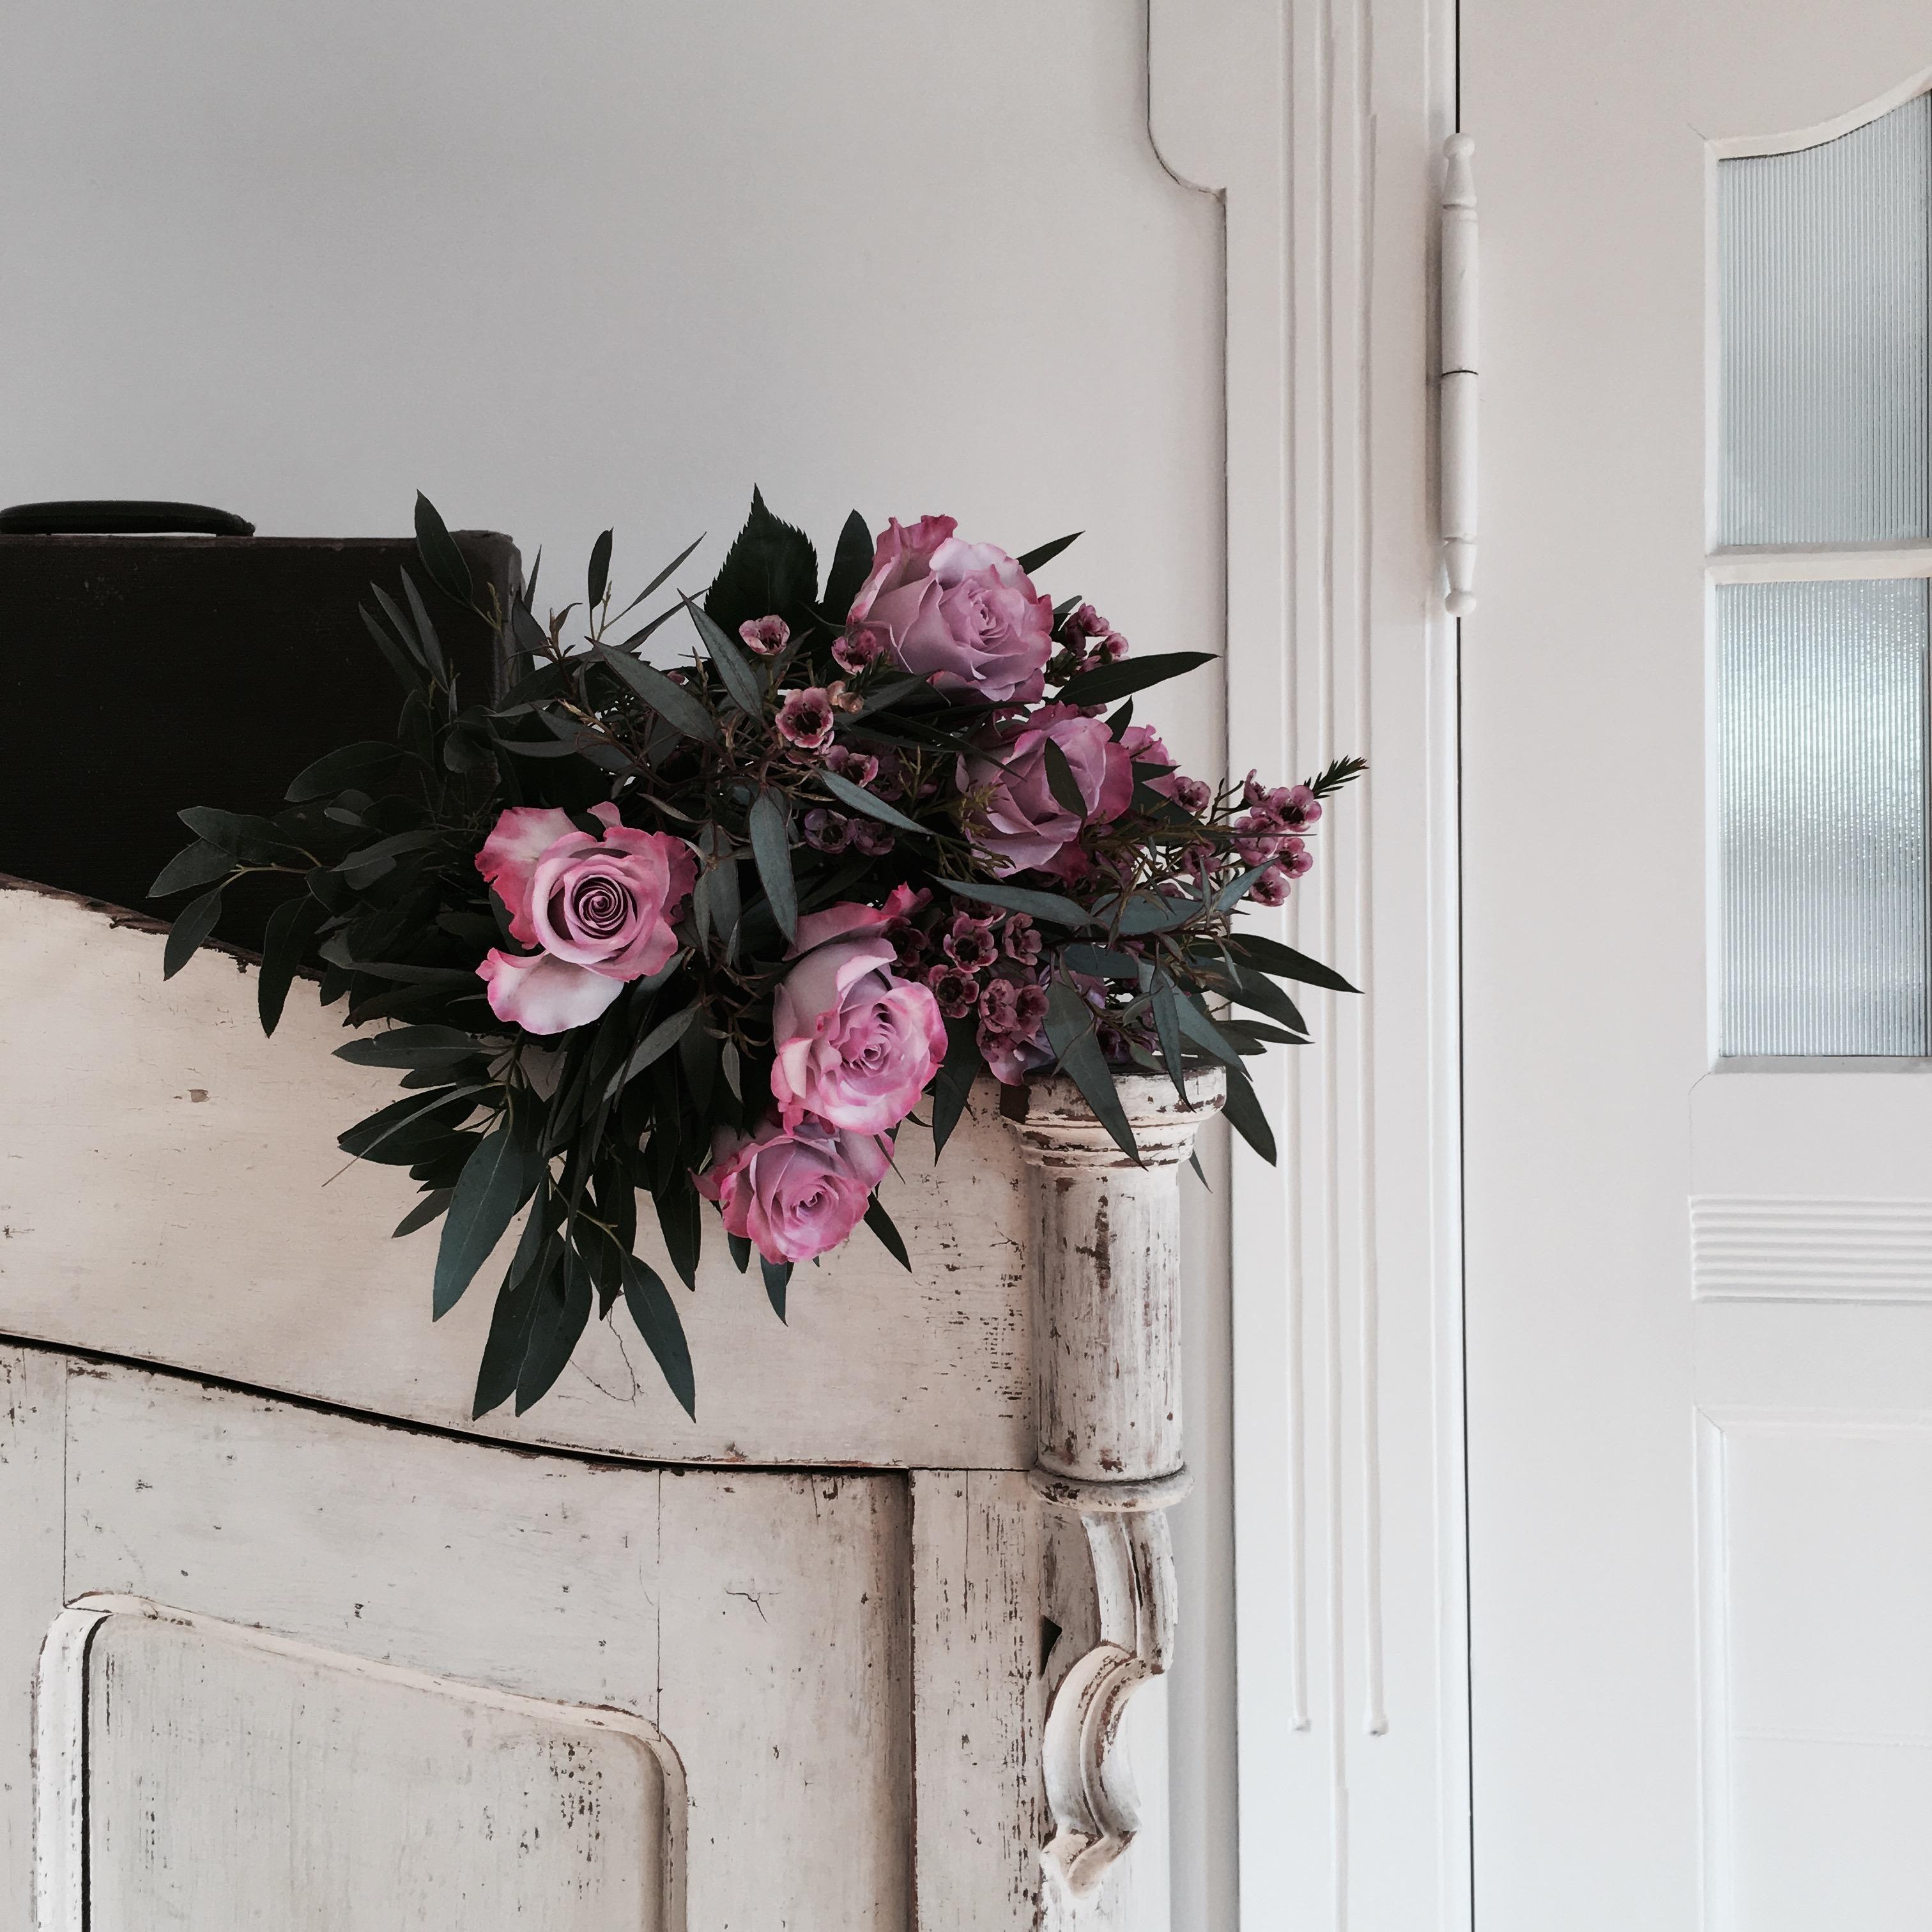 Friday Flowers... #flowers #blumen #blumenstrauss #rosen #eukalyptus #